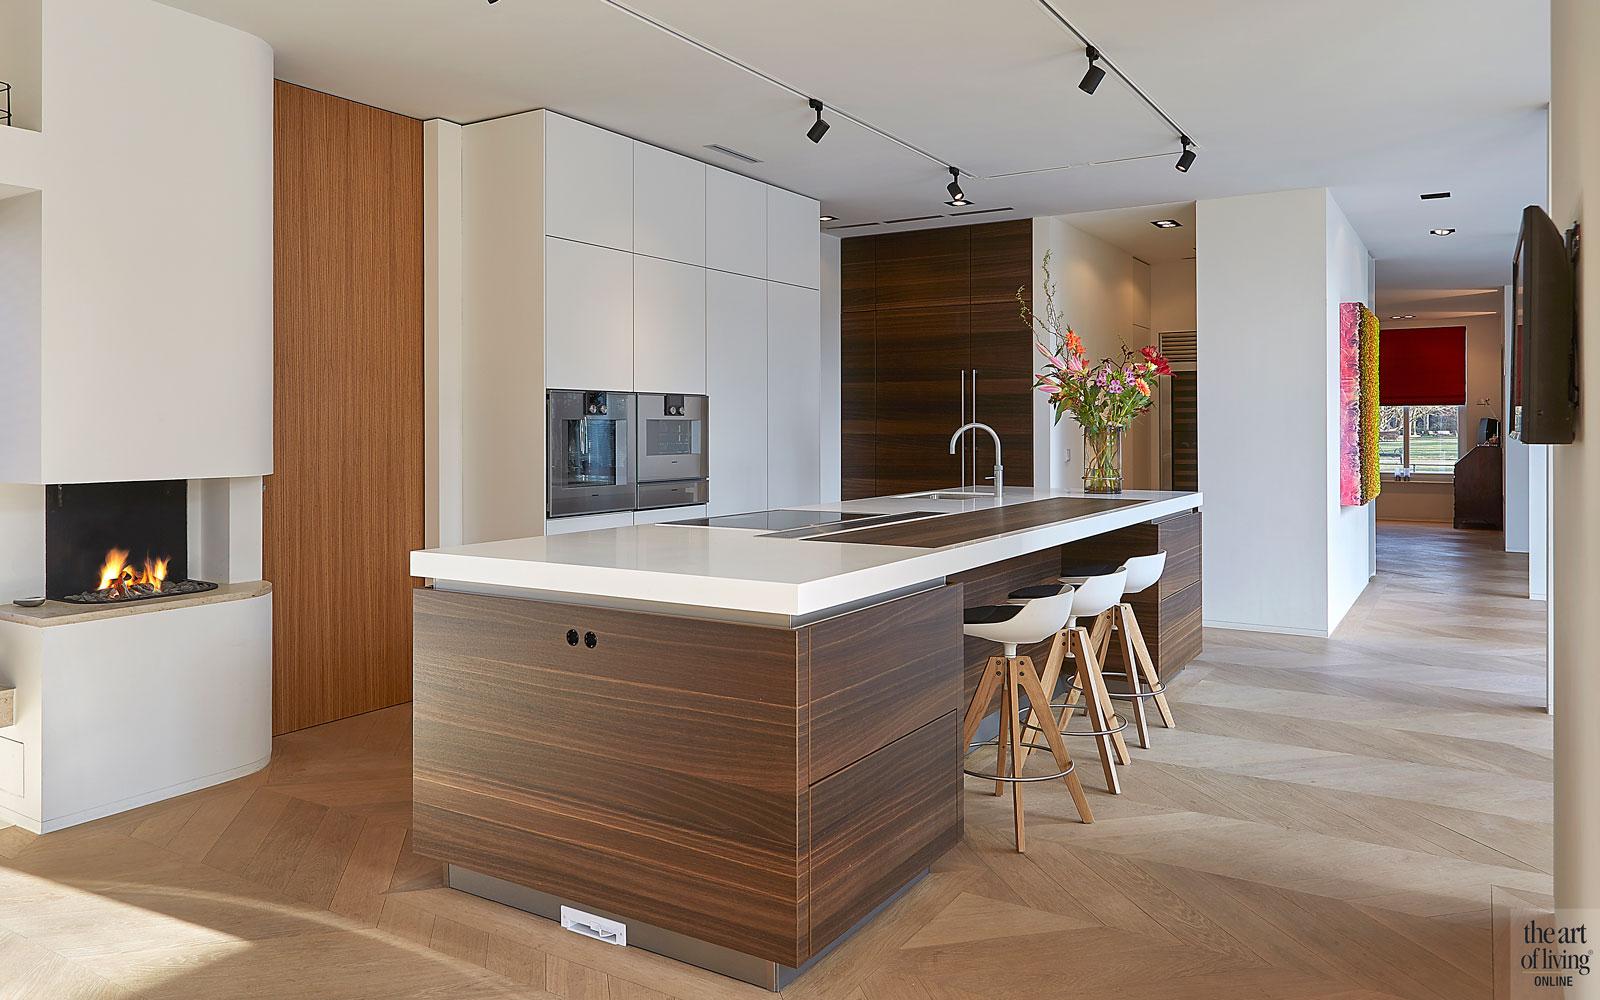 Keuken, ASWA keukens, maatwerk, Gaggenau, Quooker, kookeiland, houten vloer, modern en eigentijds, De Bever Architecten